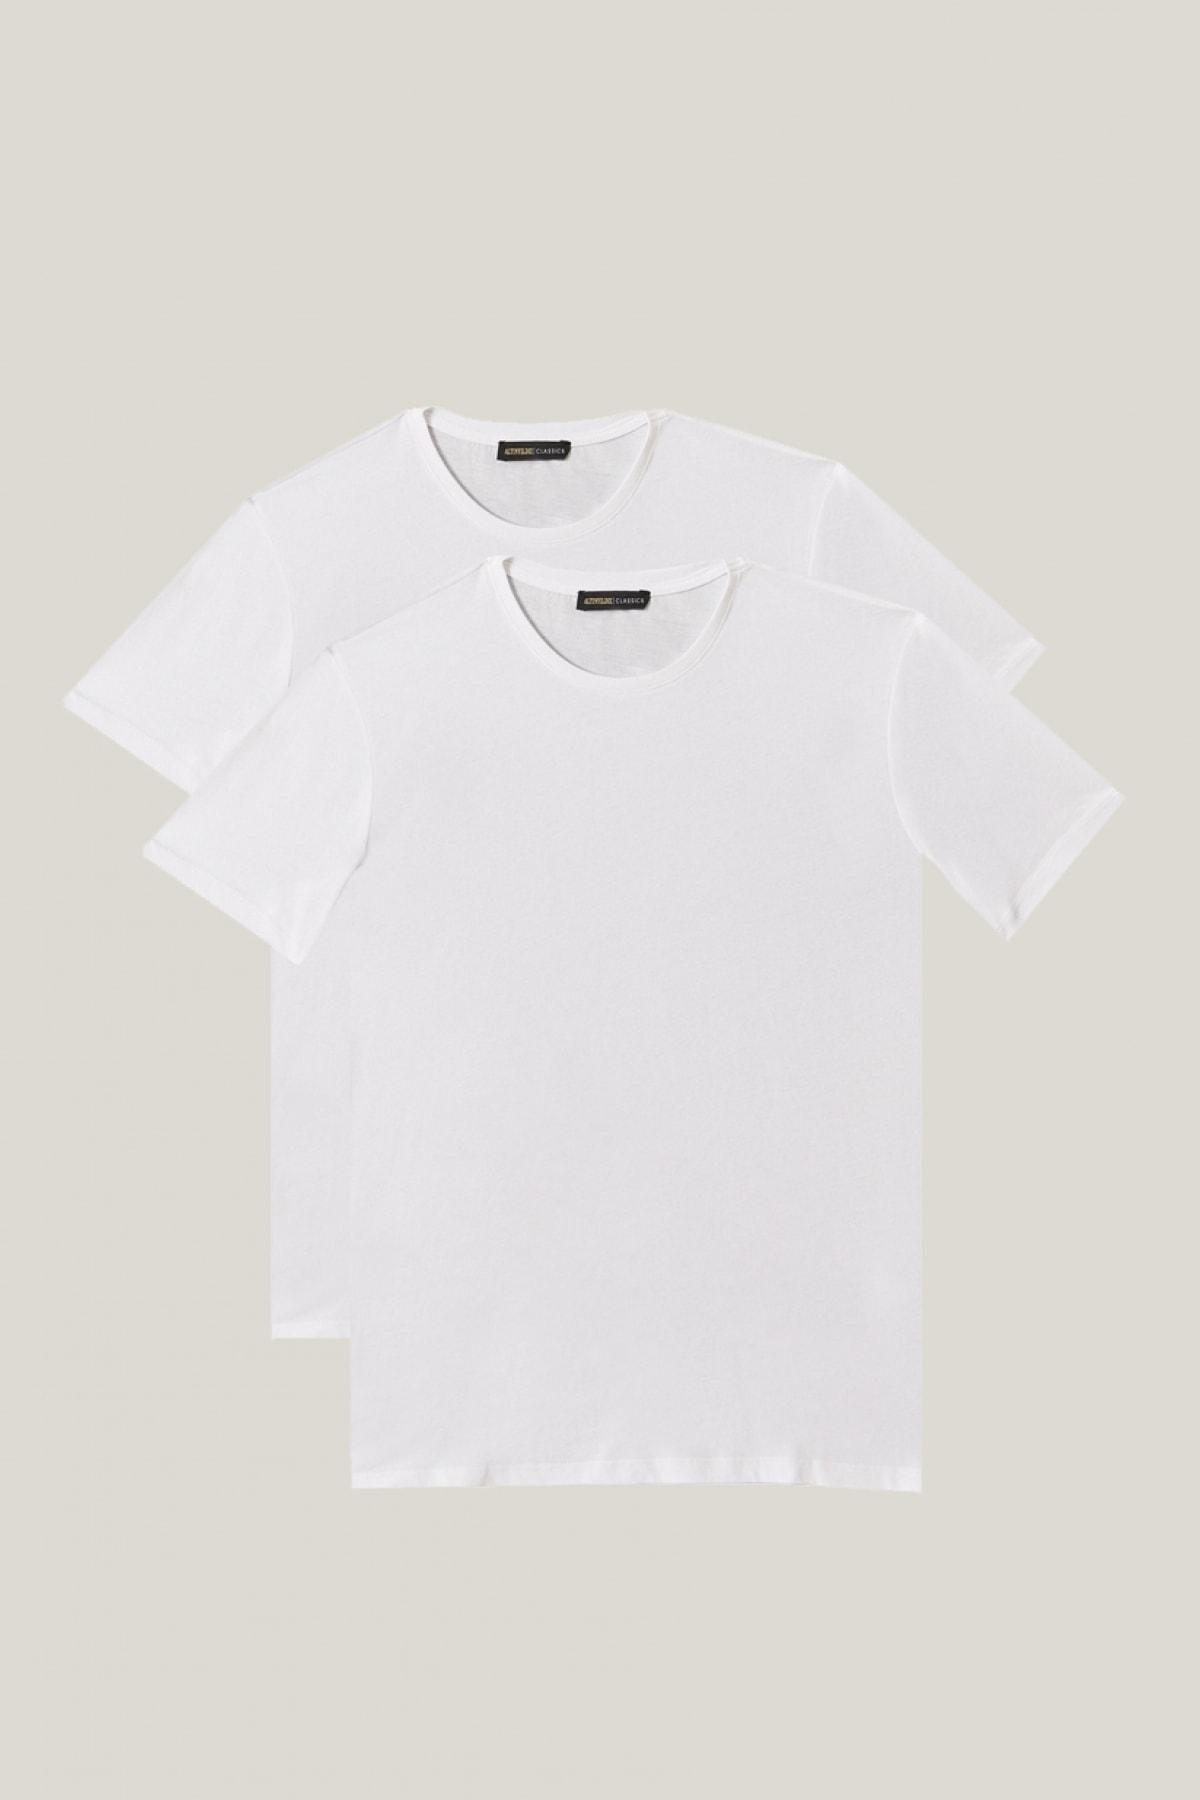 فروش انلاین تیشرت مردانه مجلسی برند ALTINYILDIZ CLASSICS کد ty50852720